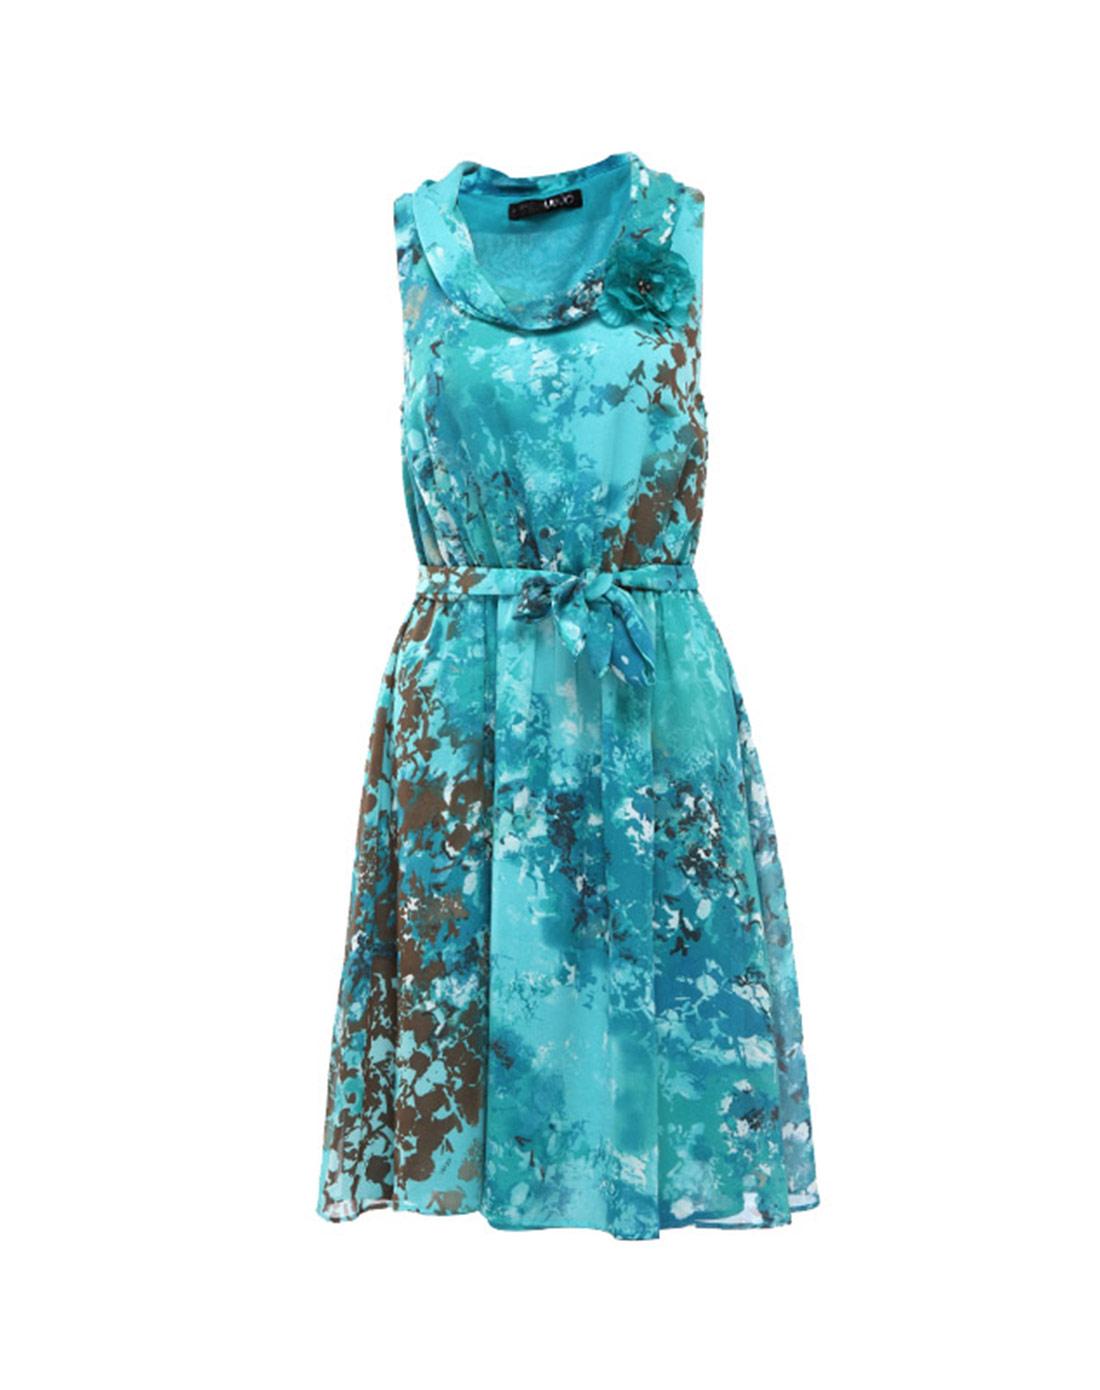 典雅水墨风格印花连衣裙